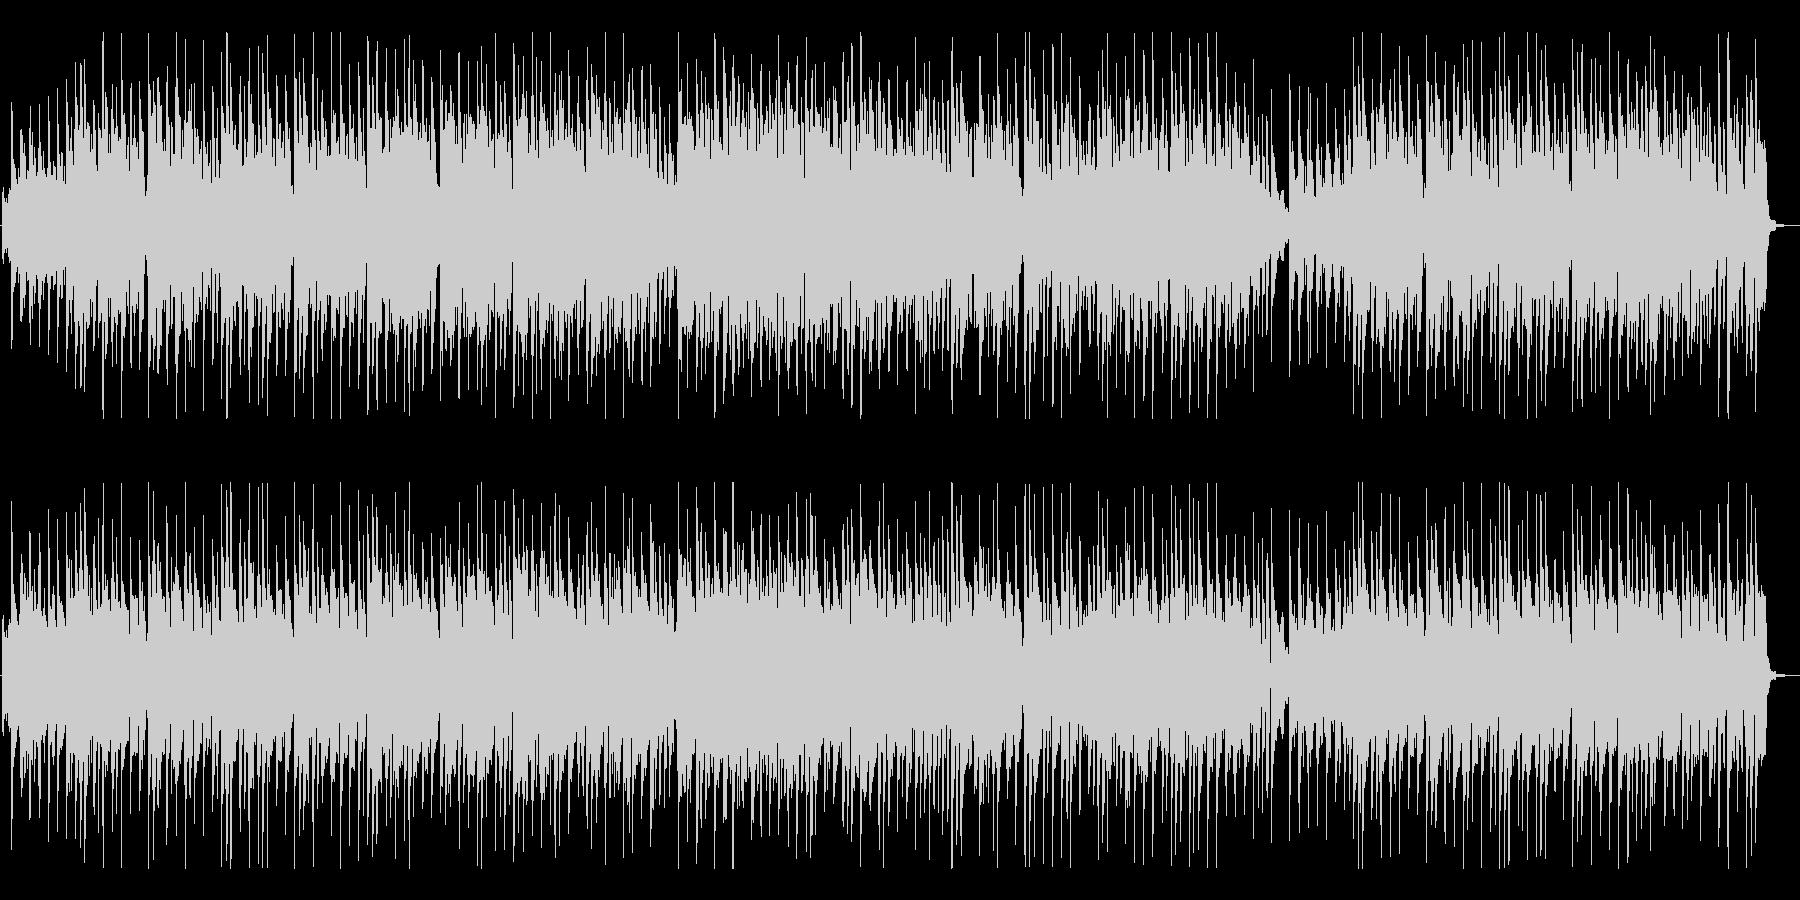 陽気で軽快なカントリー風音楽の未再生の波形